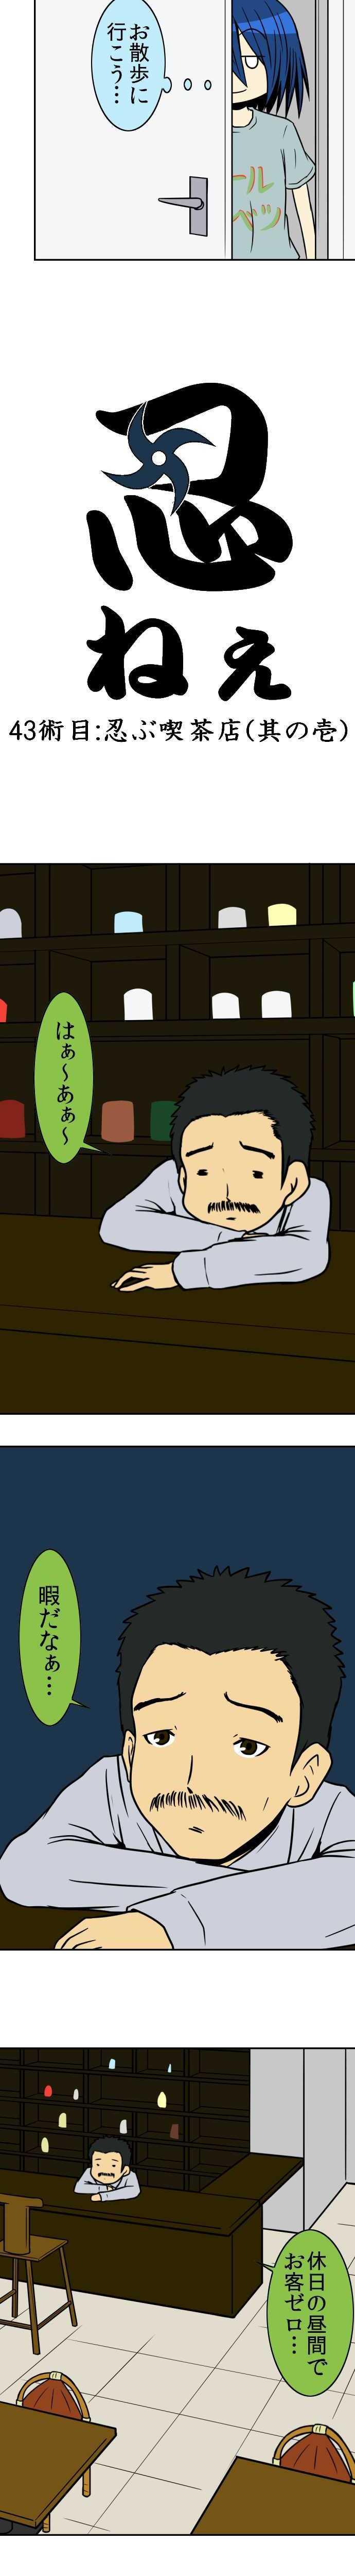 43術目:忍ぶ喫茶店(其の壱)